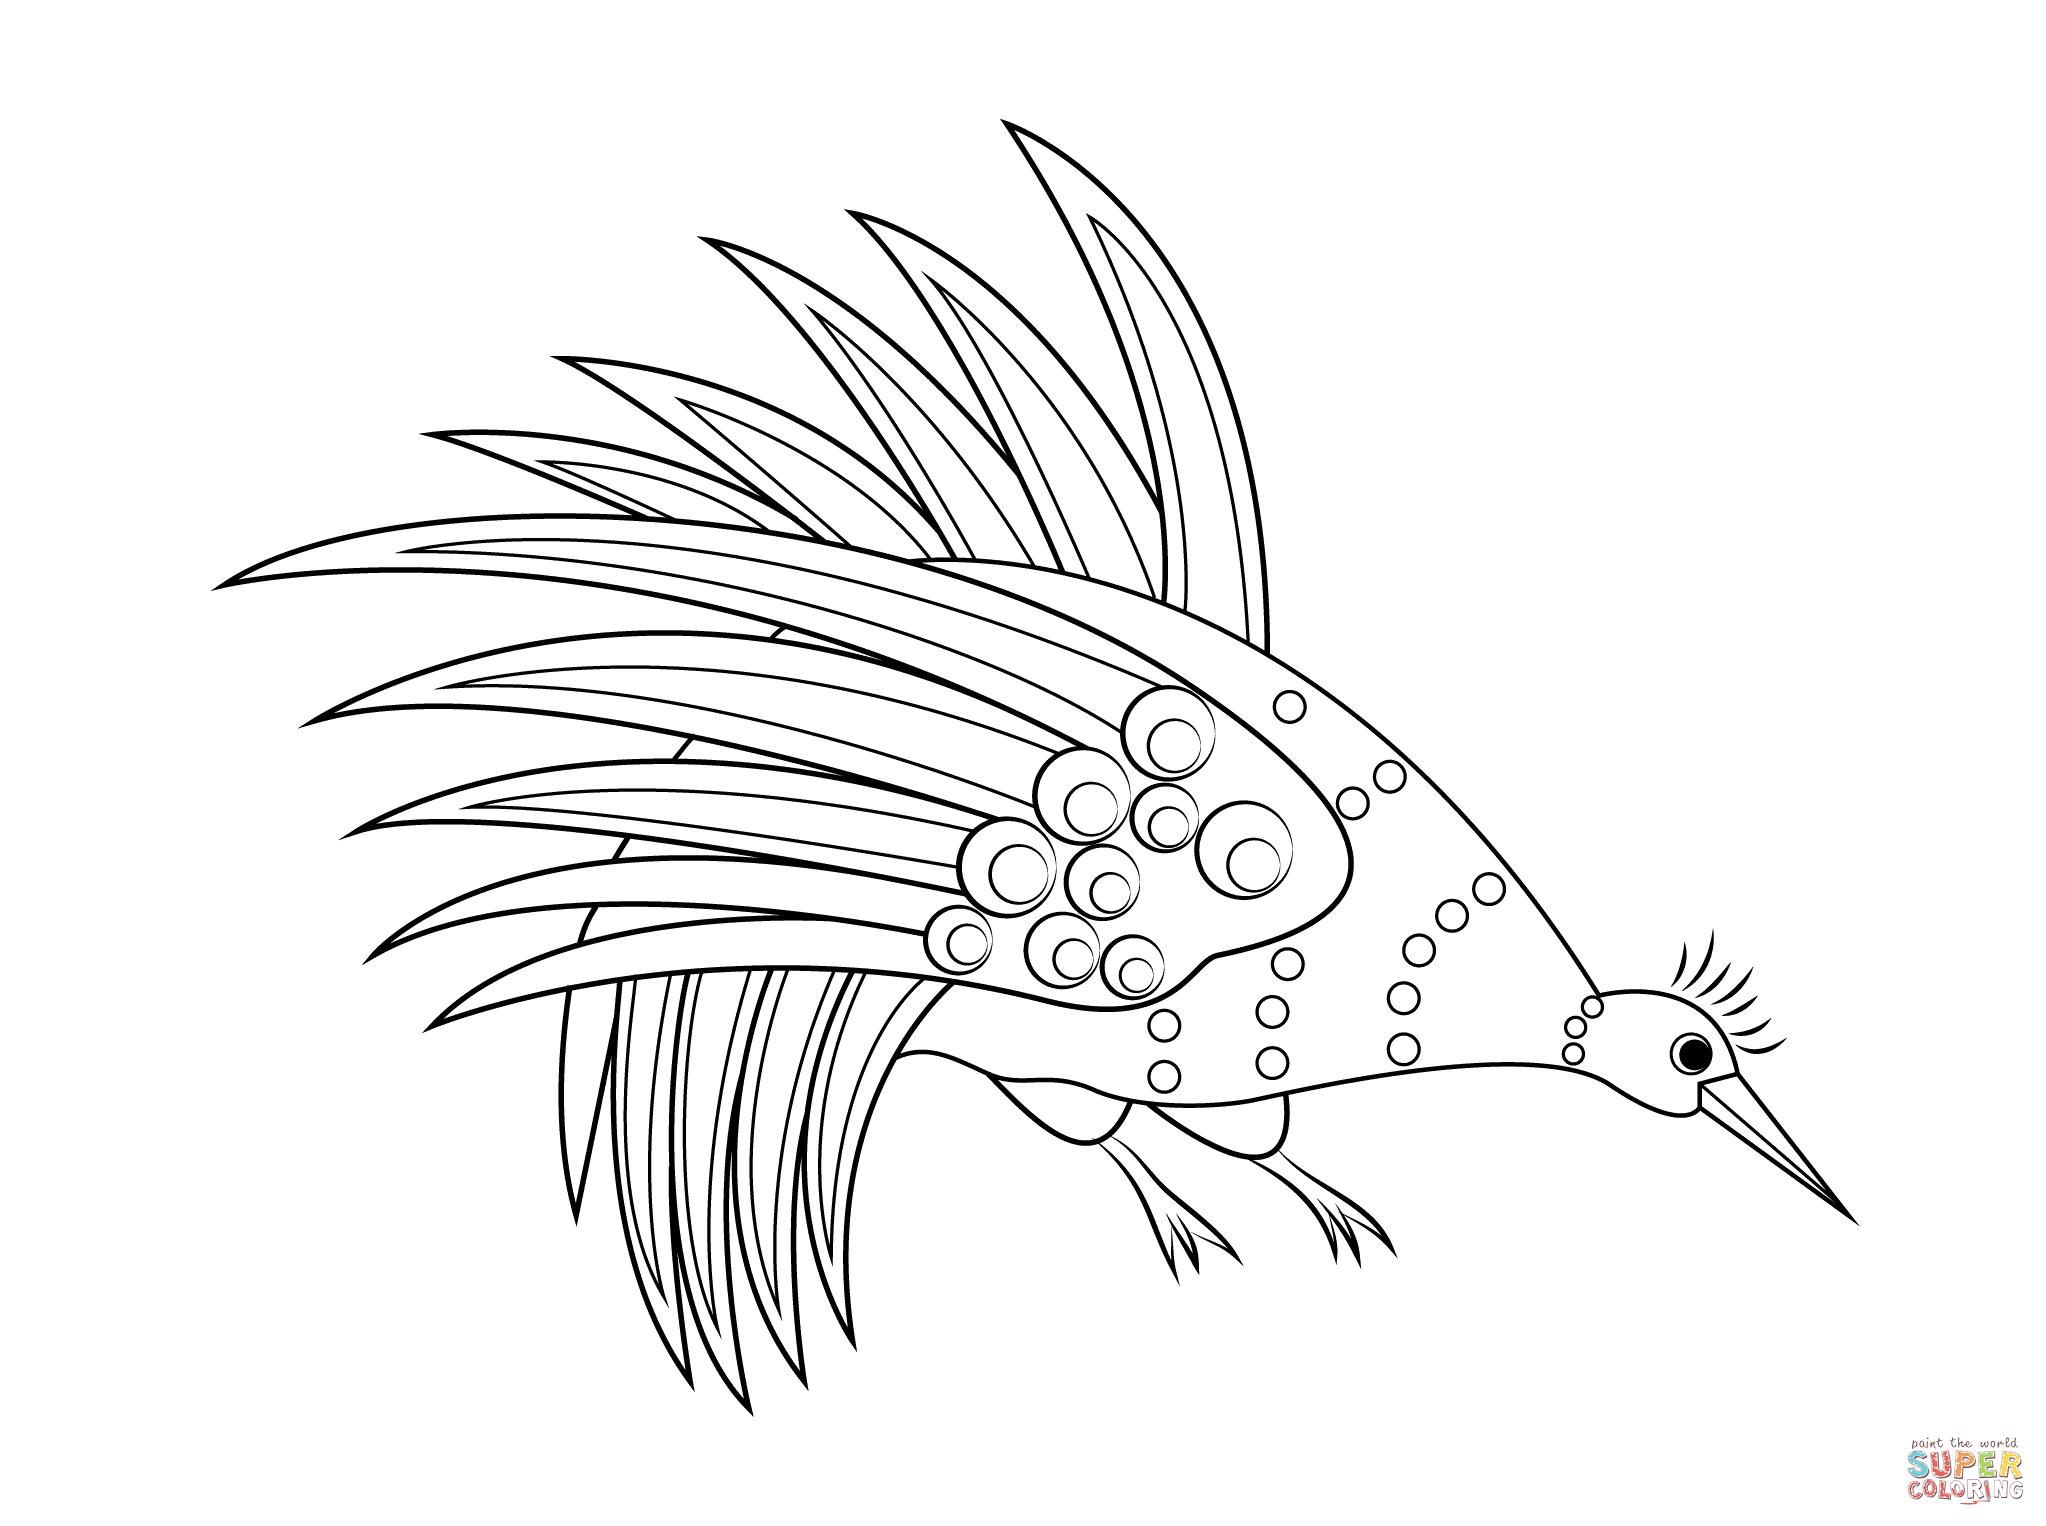 2046x1526 Rainbow Bowerbird Aboriginal Art Coloring Page Free Printable